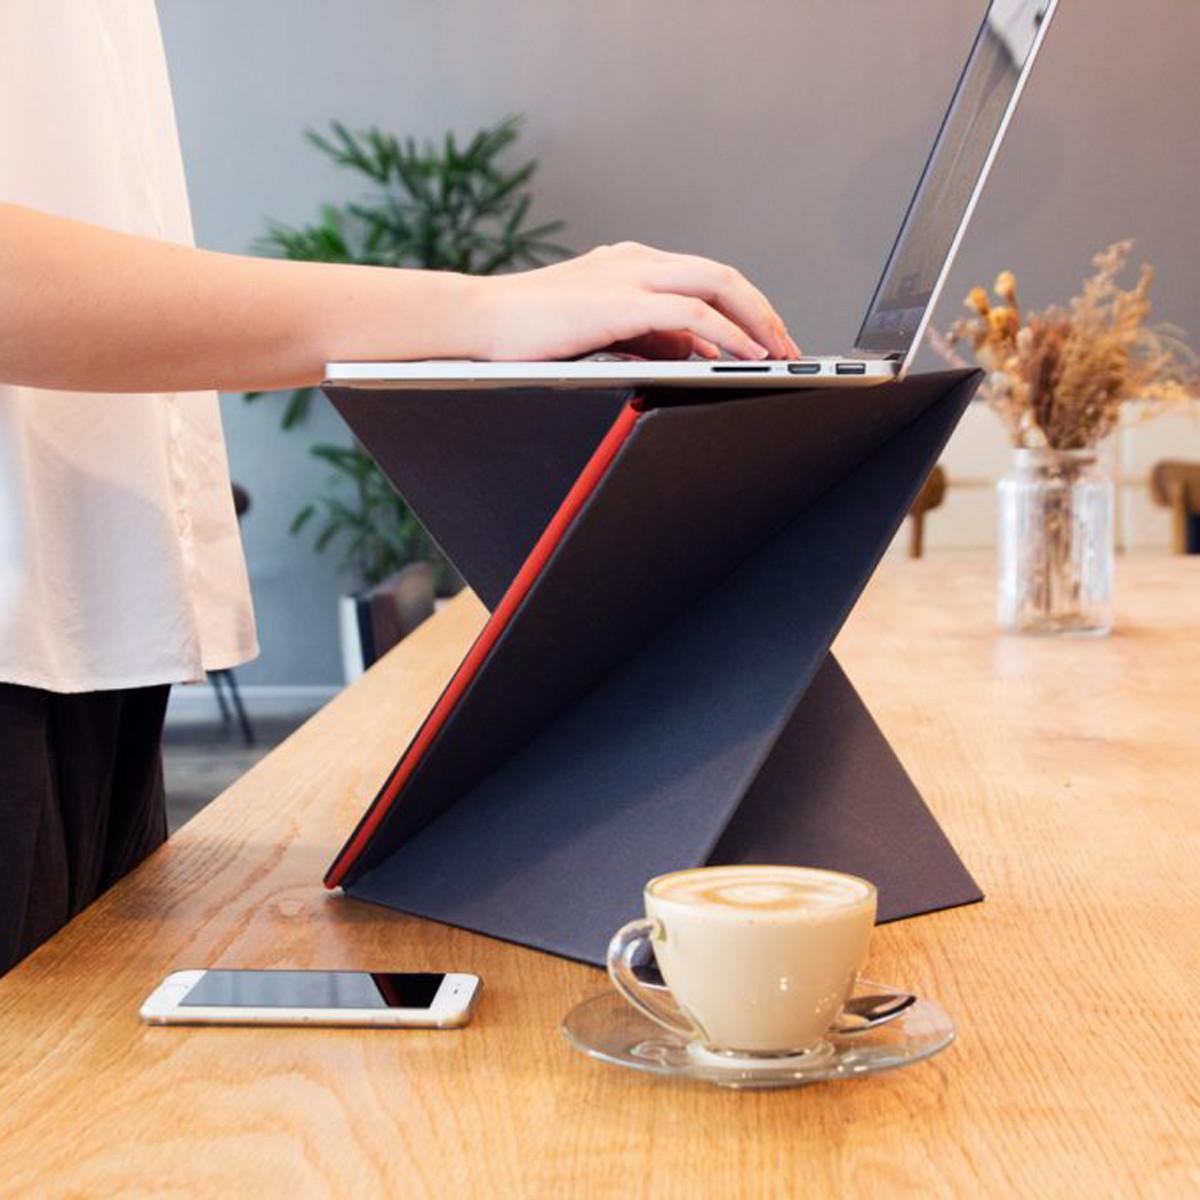 携帯できるスタンディングデスク|畳んでひねれば、ボードがデスクに早変わり